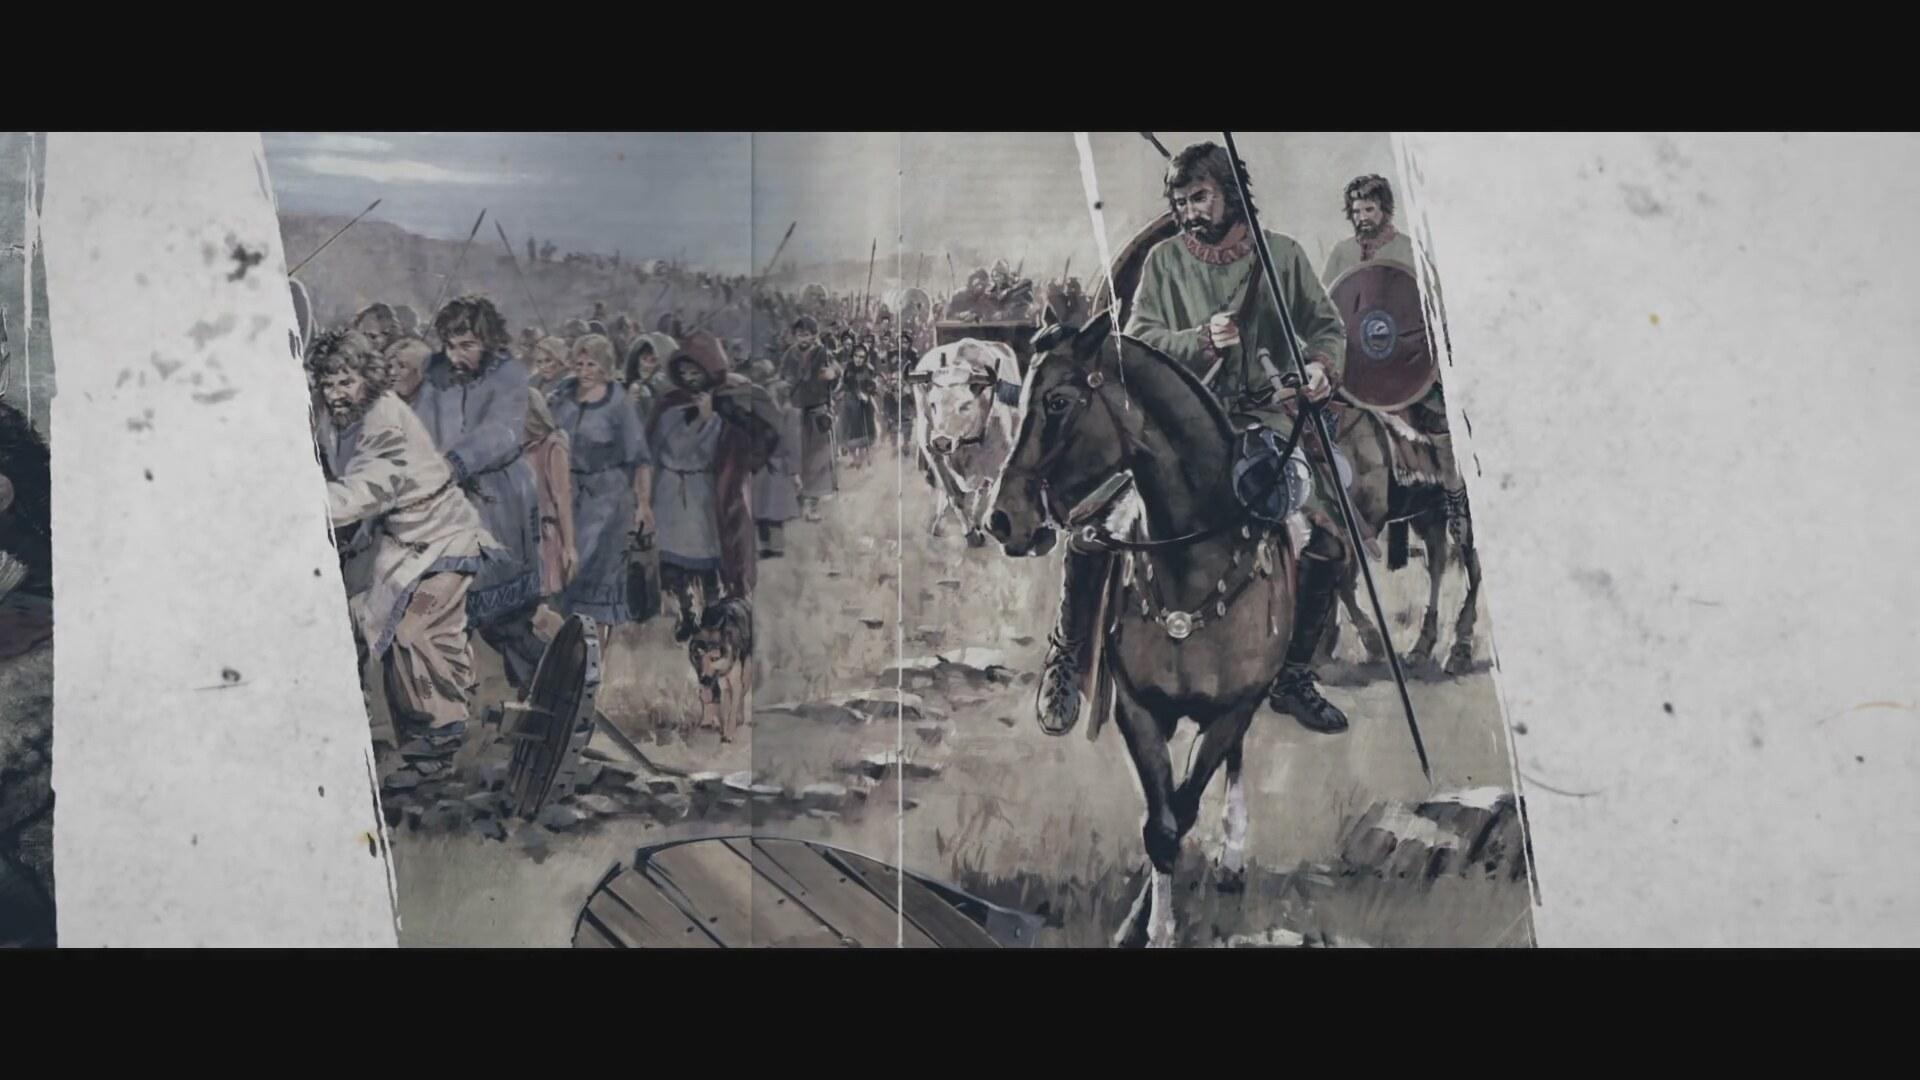 Roma İmparatorluğu'nun yıkılmasının başlangıcı 378'de Gotlarla yapılan savaşa dayanıyor. ile ilgili görsel sonucu